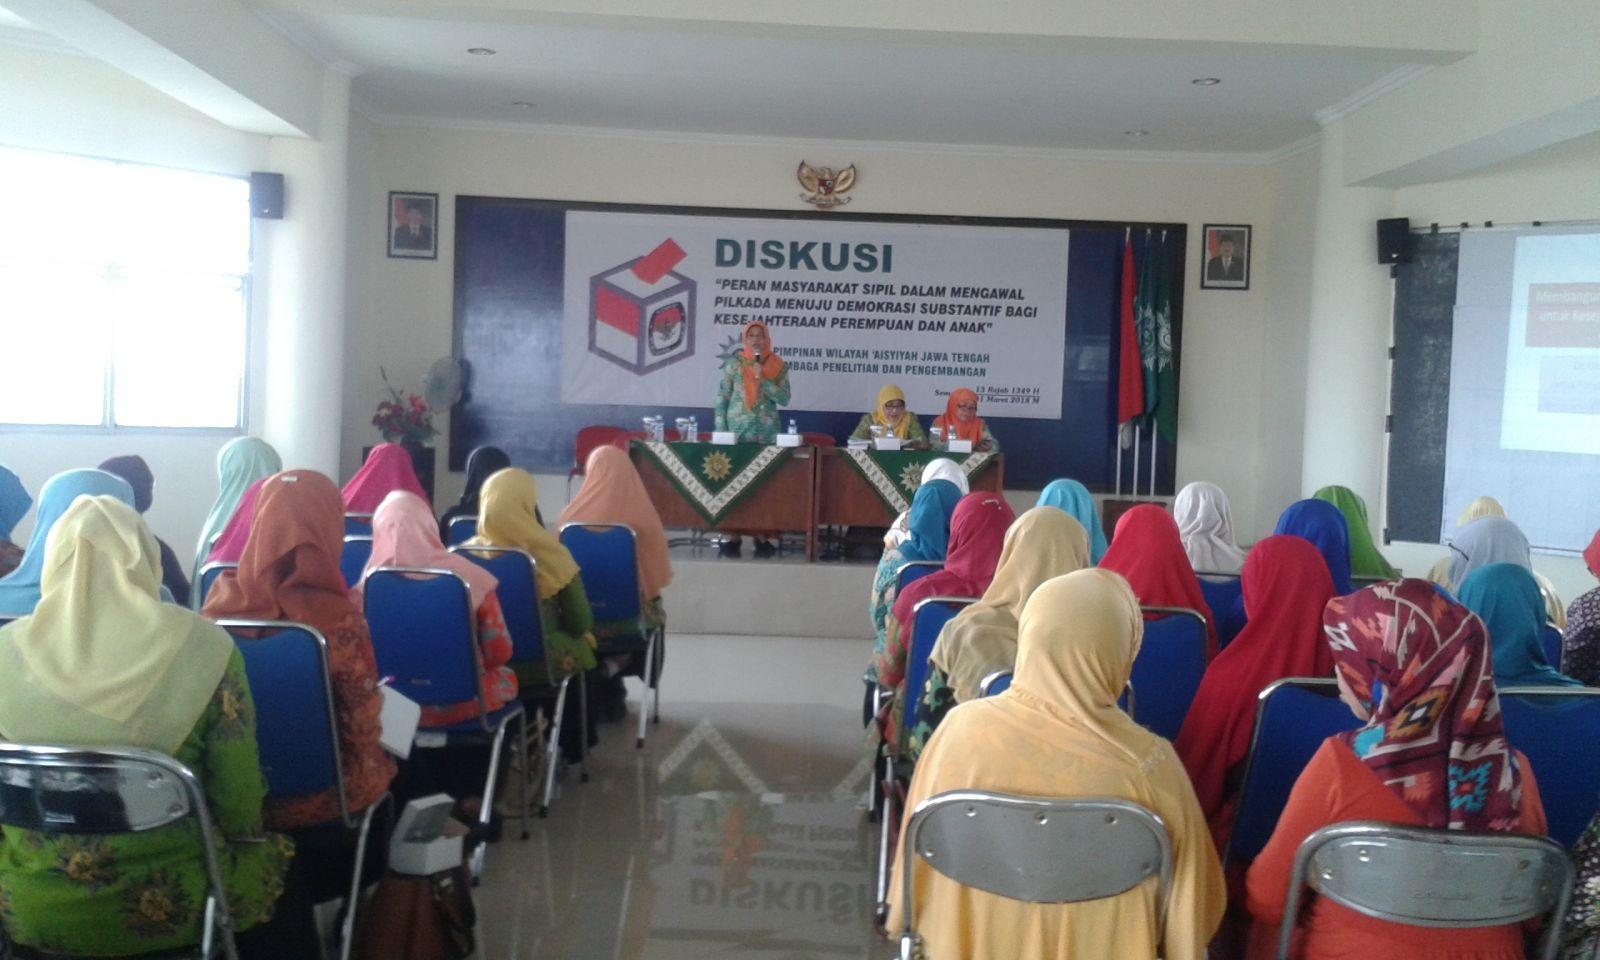 Diskusi Pendidikan Politik Untuk Perempuan